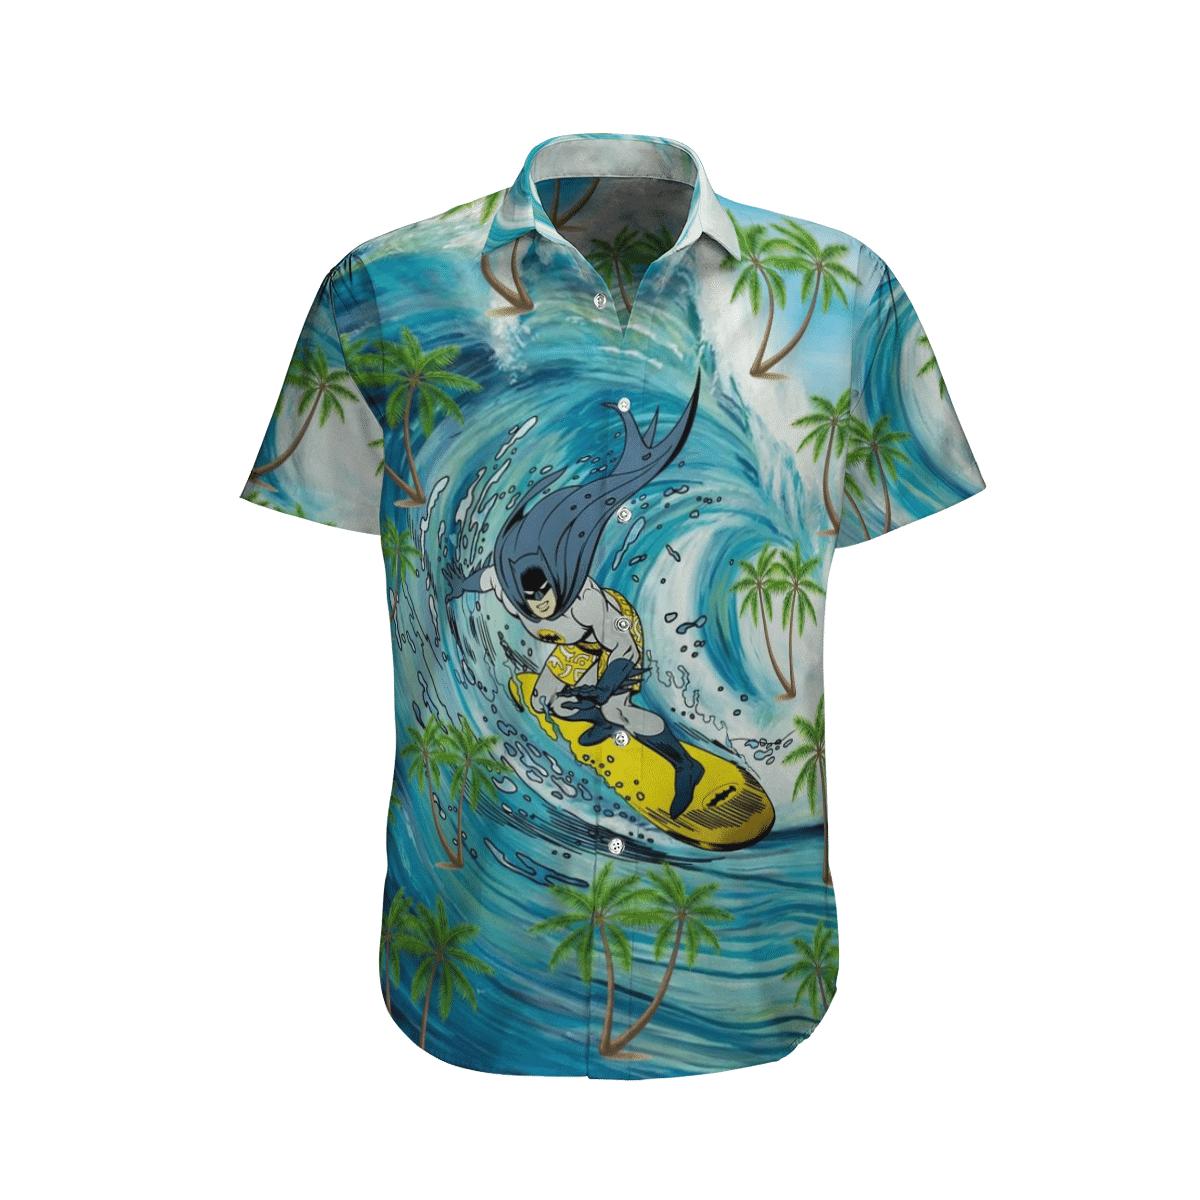 Batman Beach Surfing Hawaiian Shirt Summer Shirt